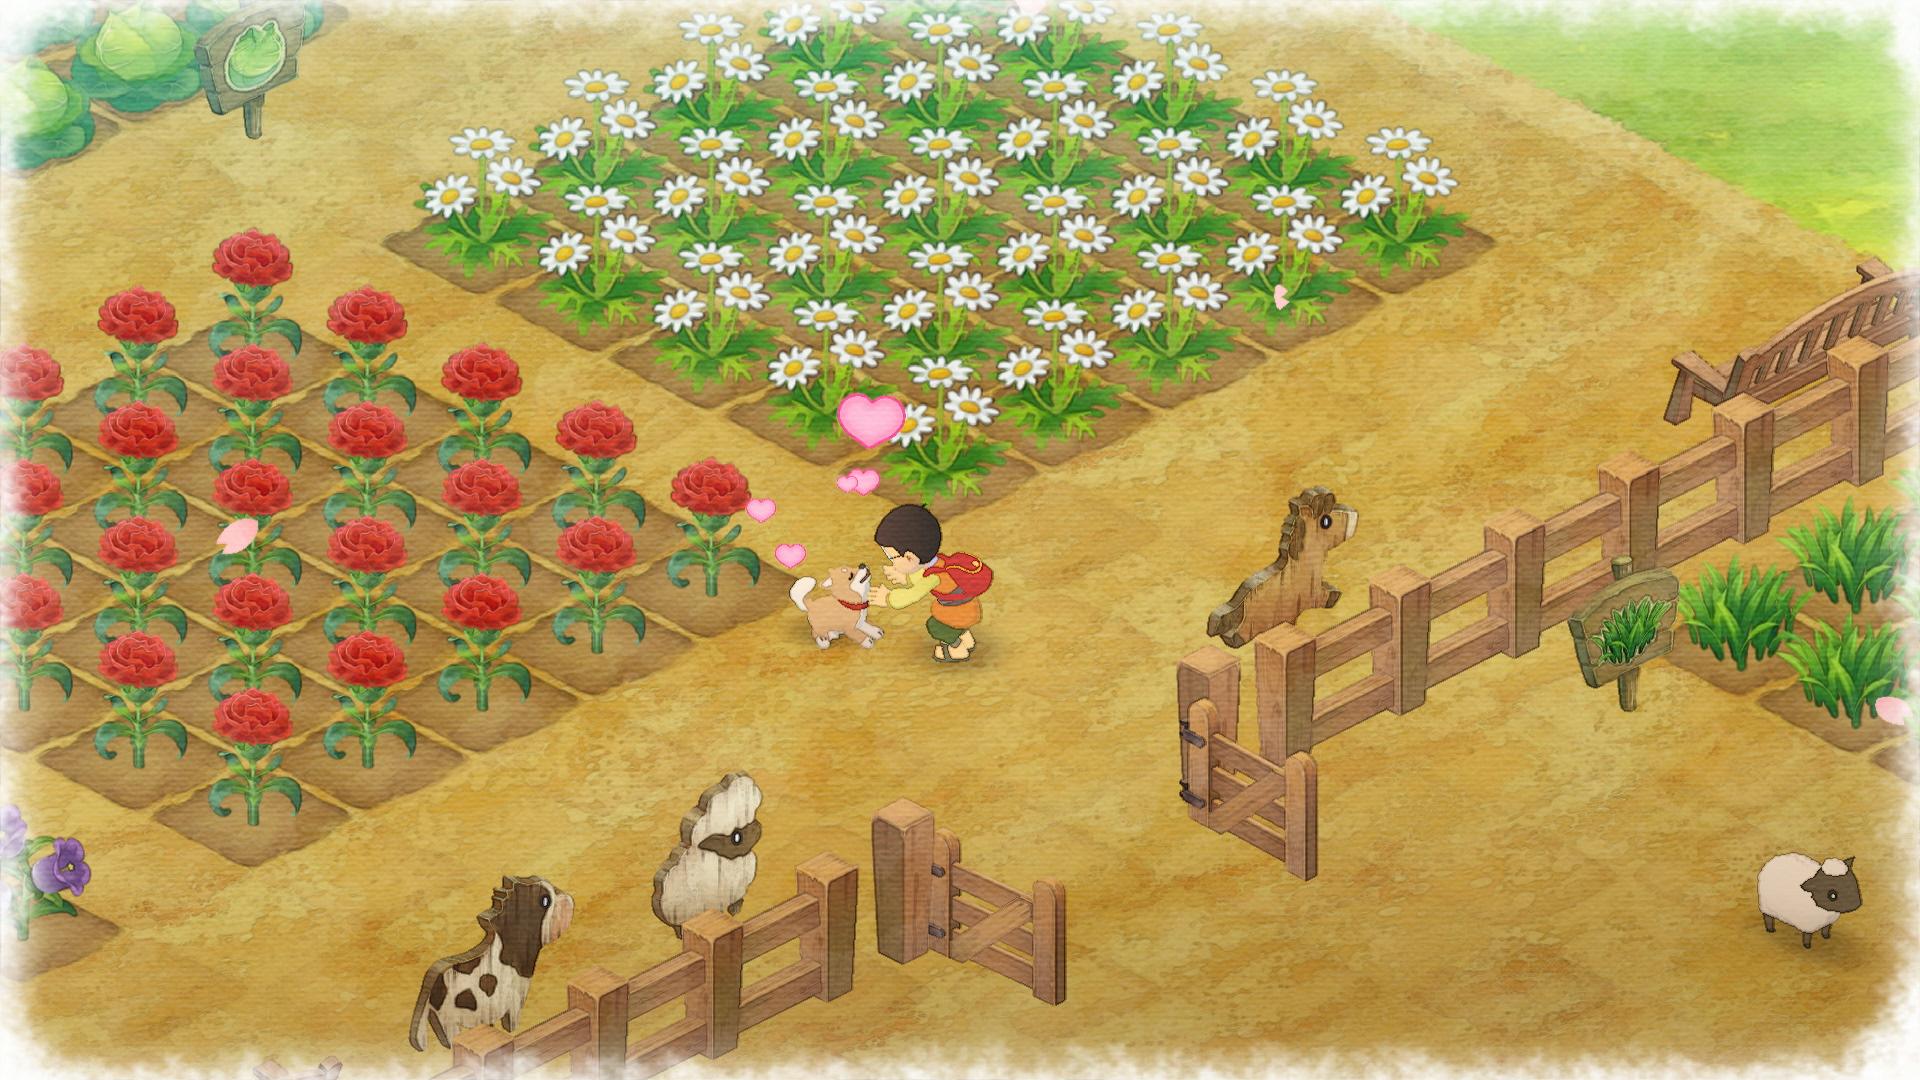 Doraemon_dog_1556028530.png